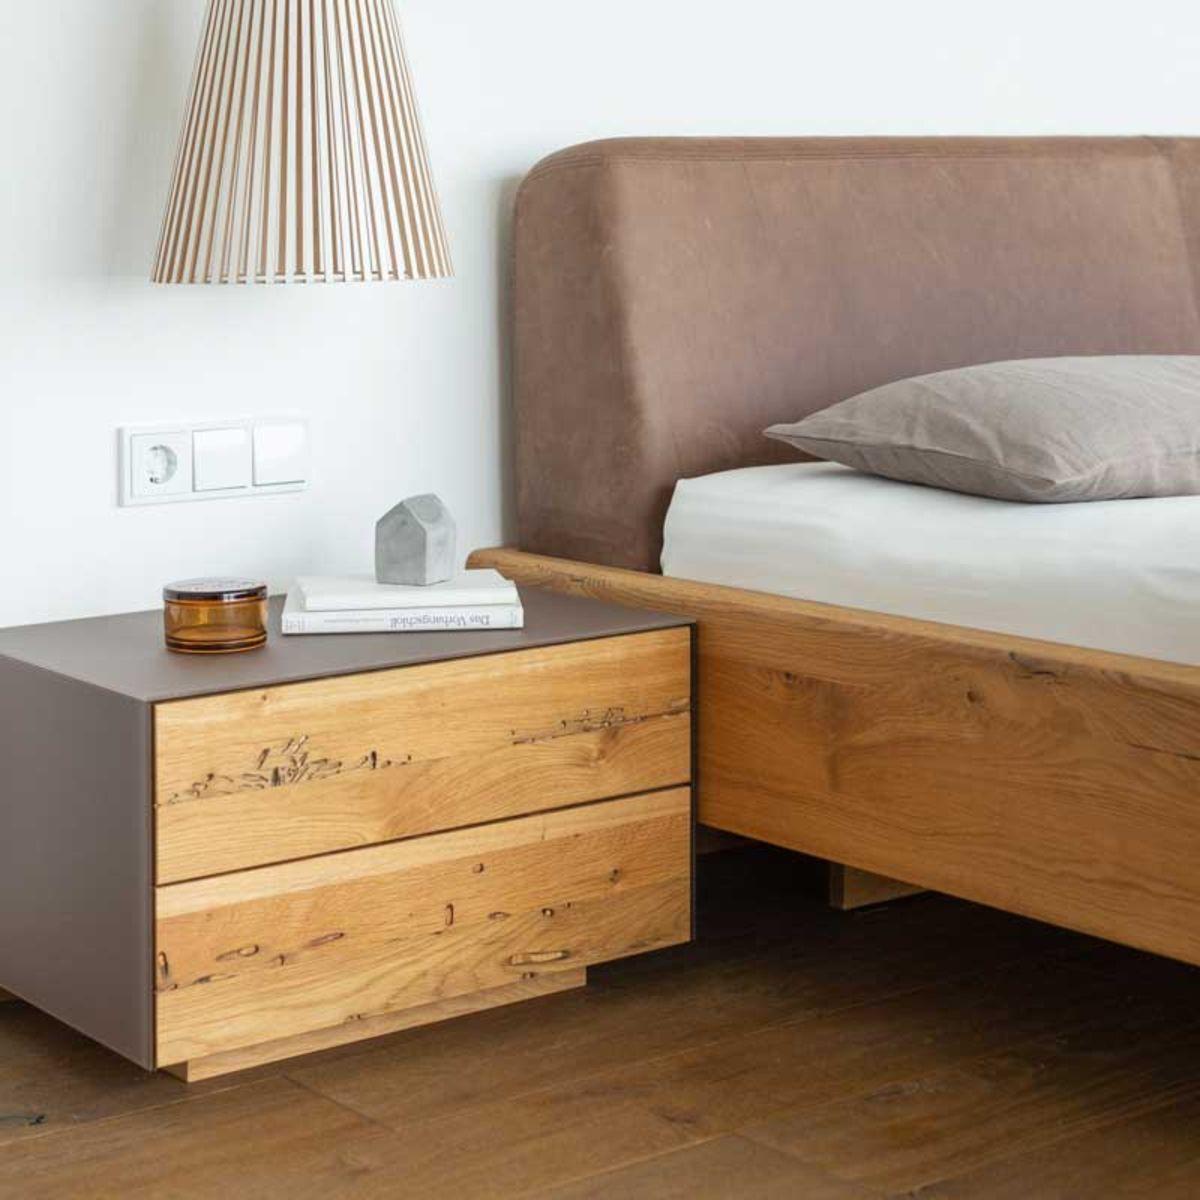 nox Bett mit cubus pure Nachtkästchen von TEAM 7 Graz